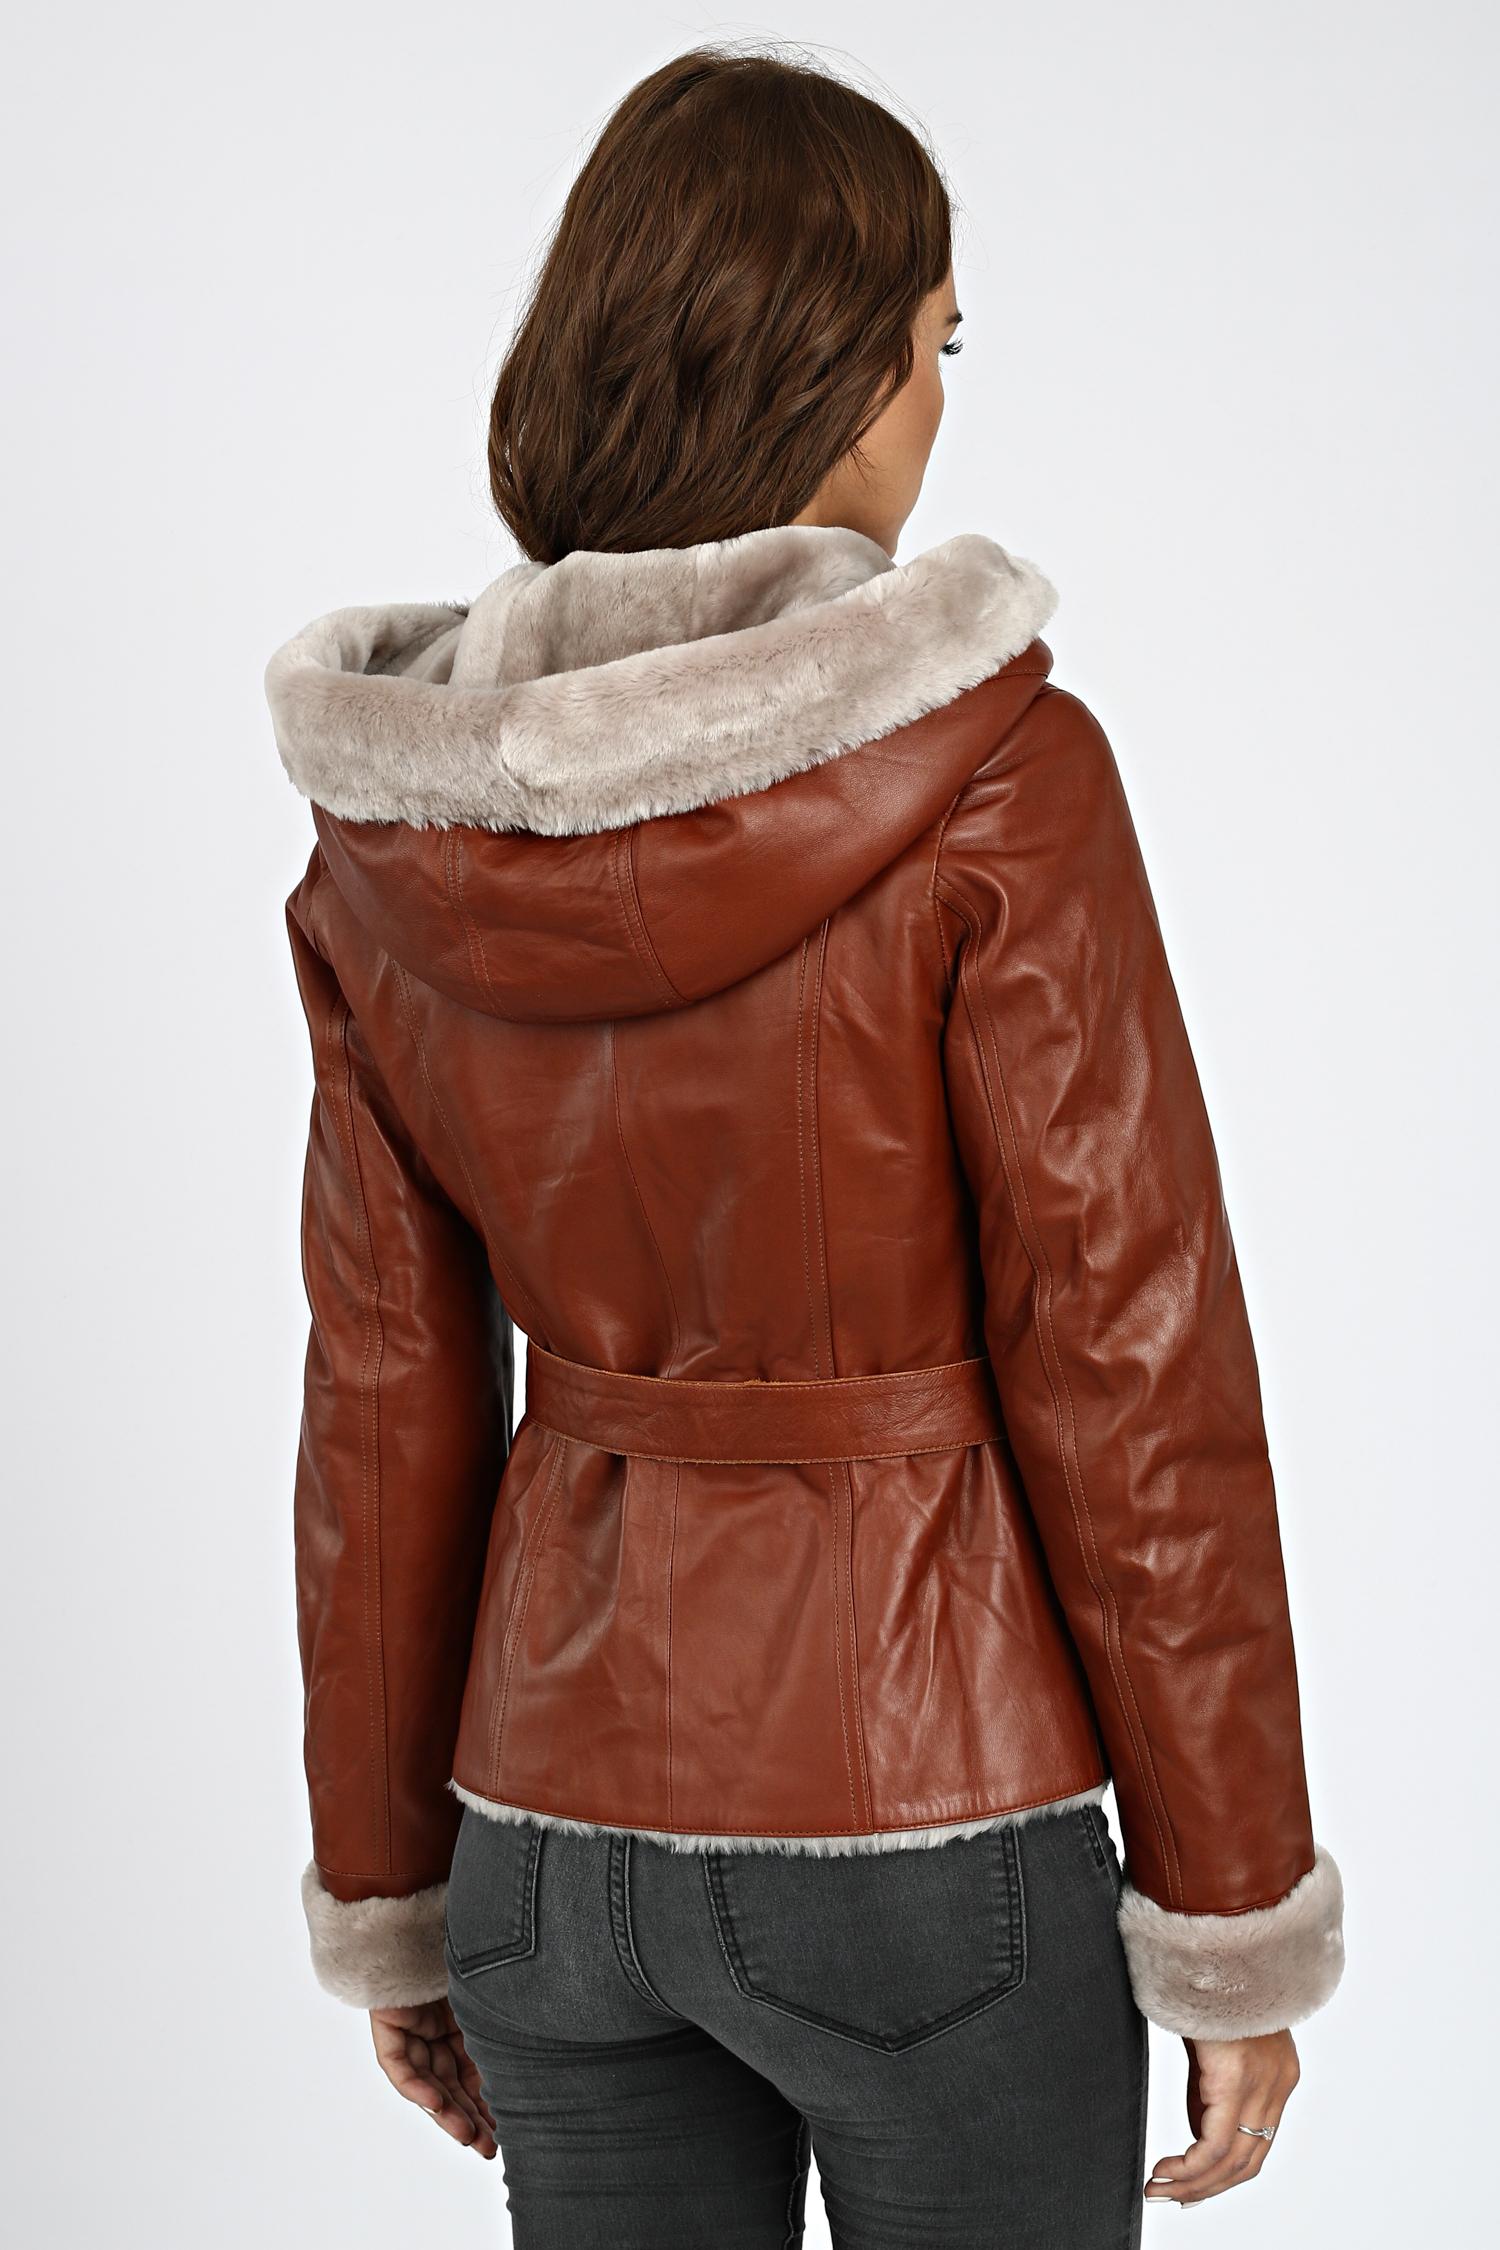 Мужская кожаная куртка из натуральной кожи утепленная с воротником, без отделки